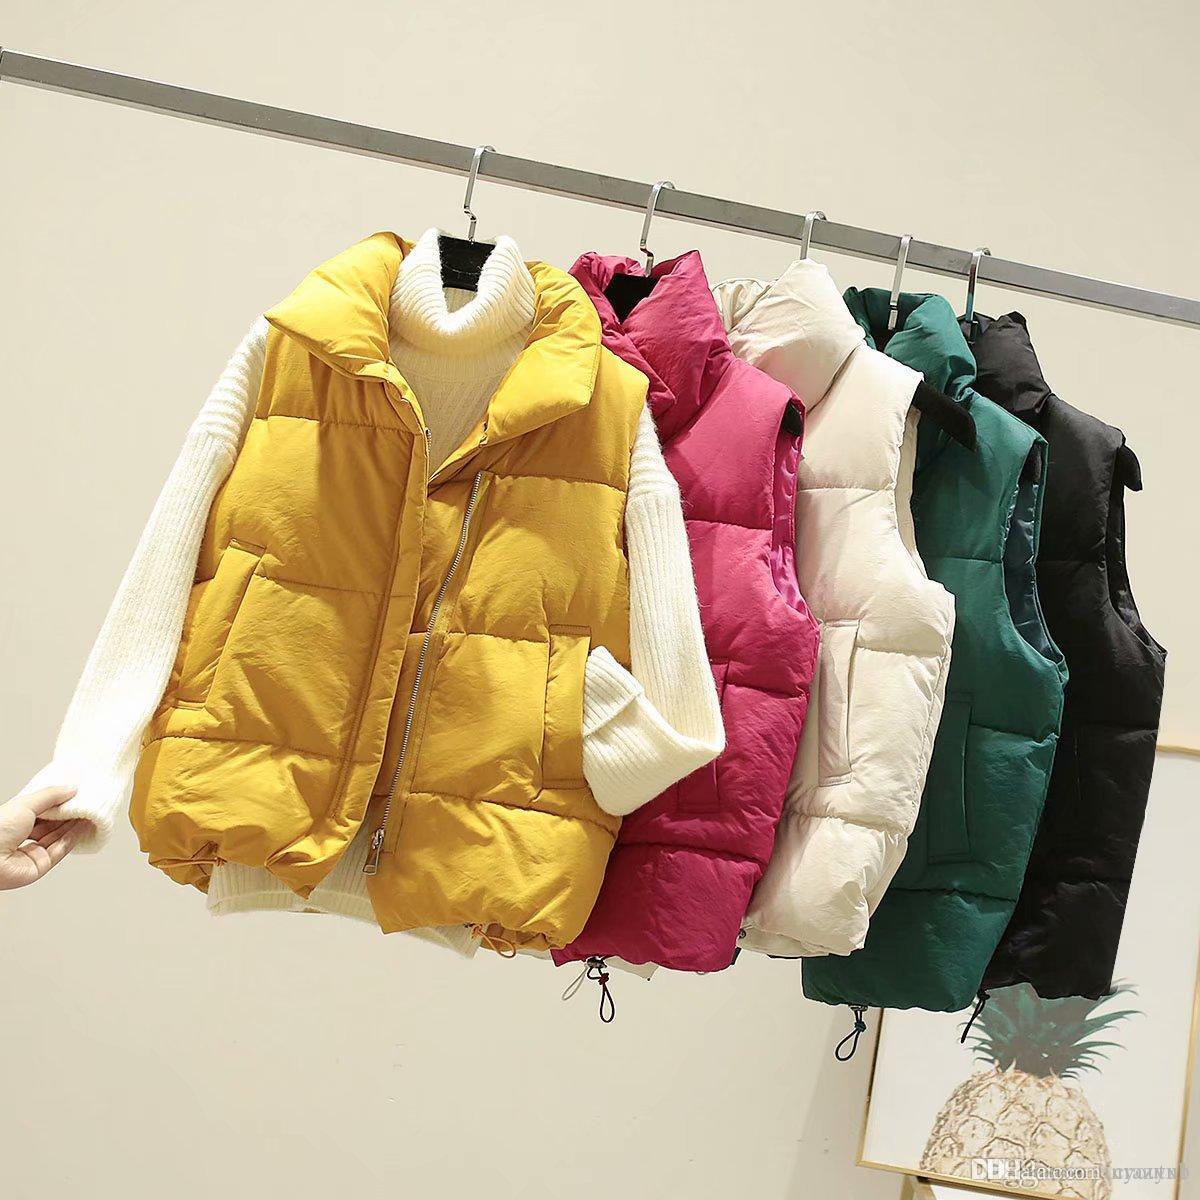 Pamuk Coat eskitmek Kış Yelek Kalın Bölüm tutun Sıcak Yelek Coat Yatak açma Yaka Katı Soğuk Sezon Coat Kadın giyim